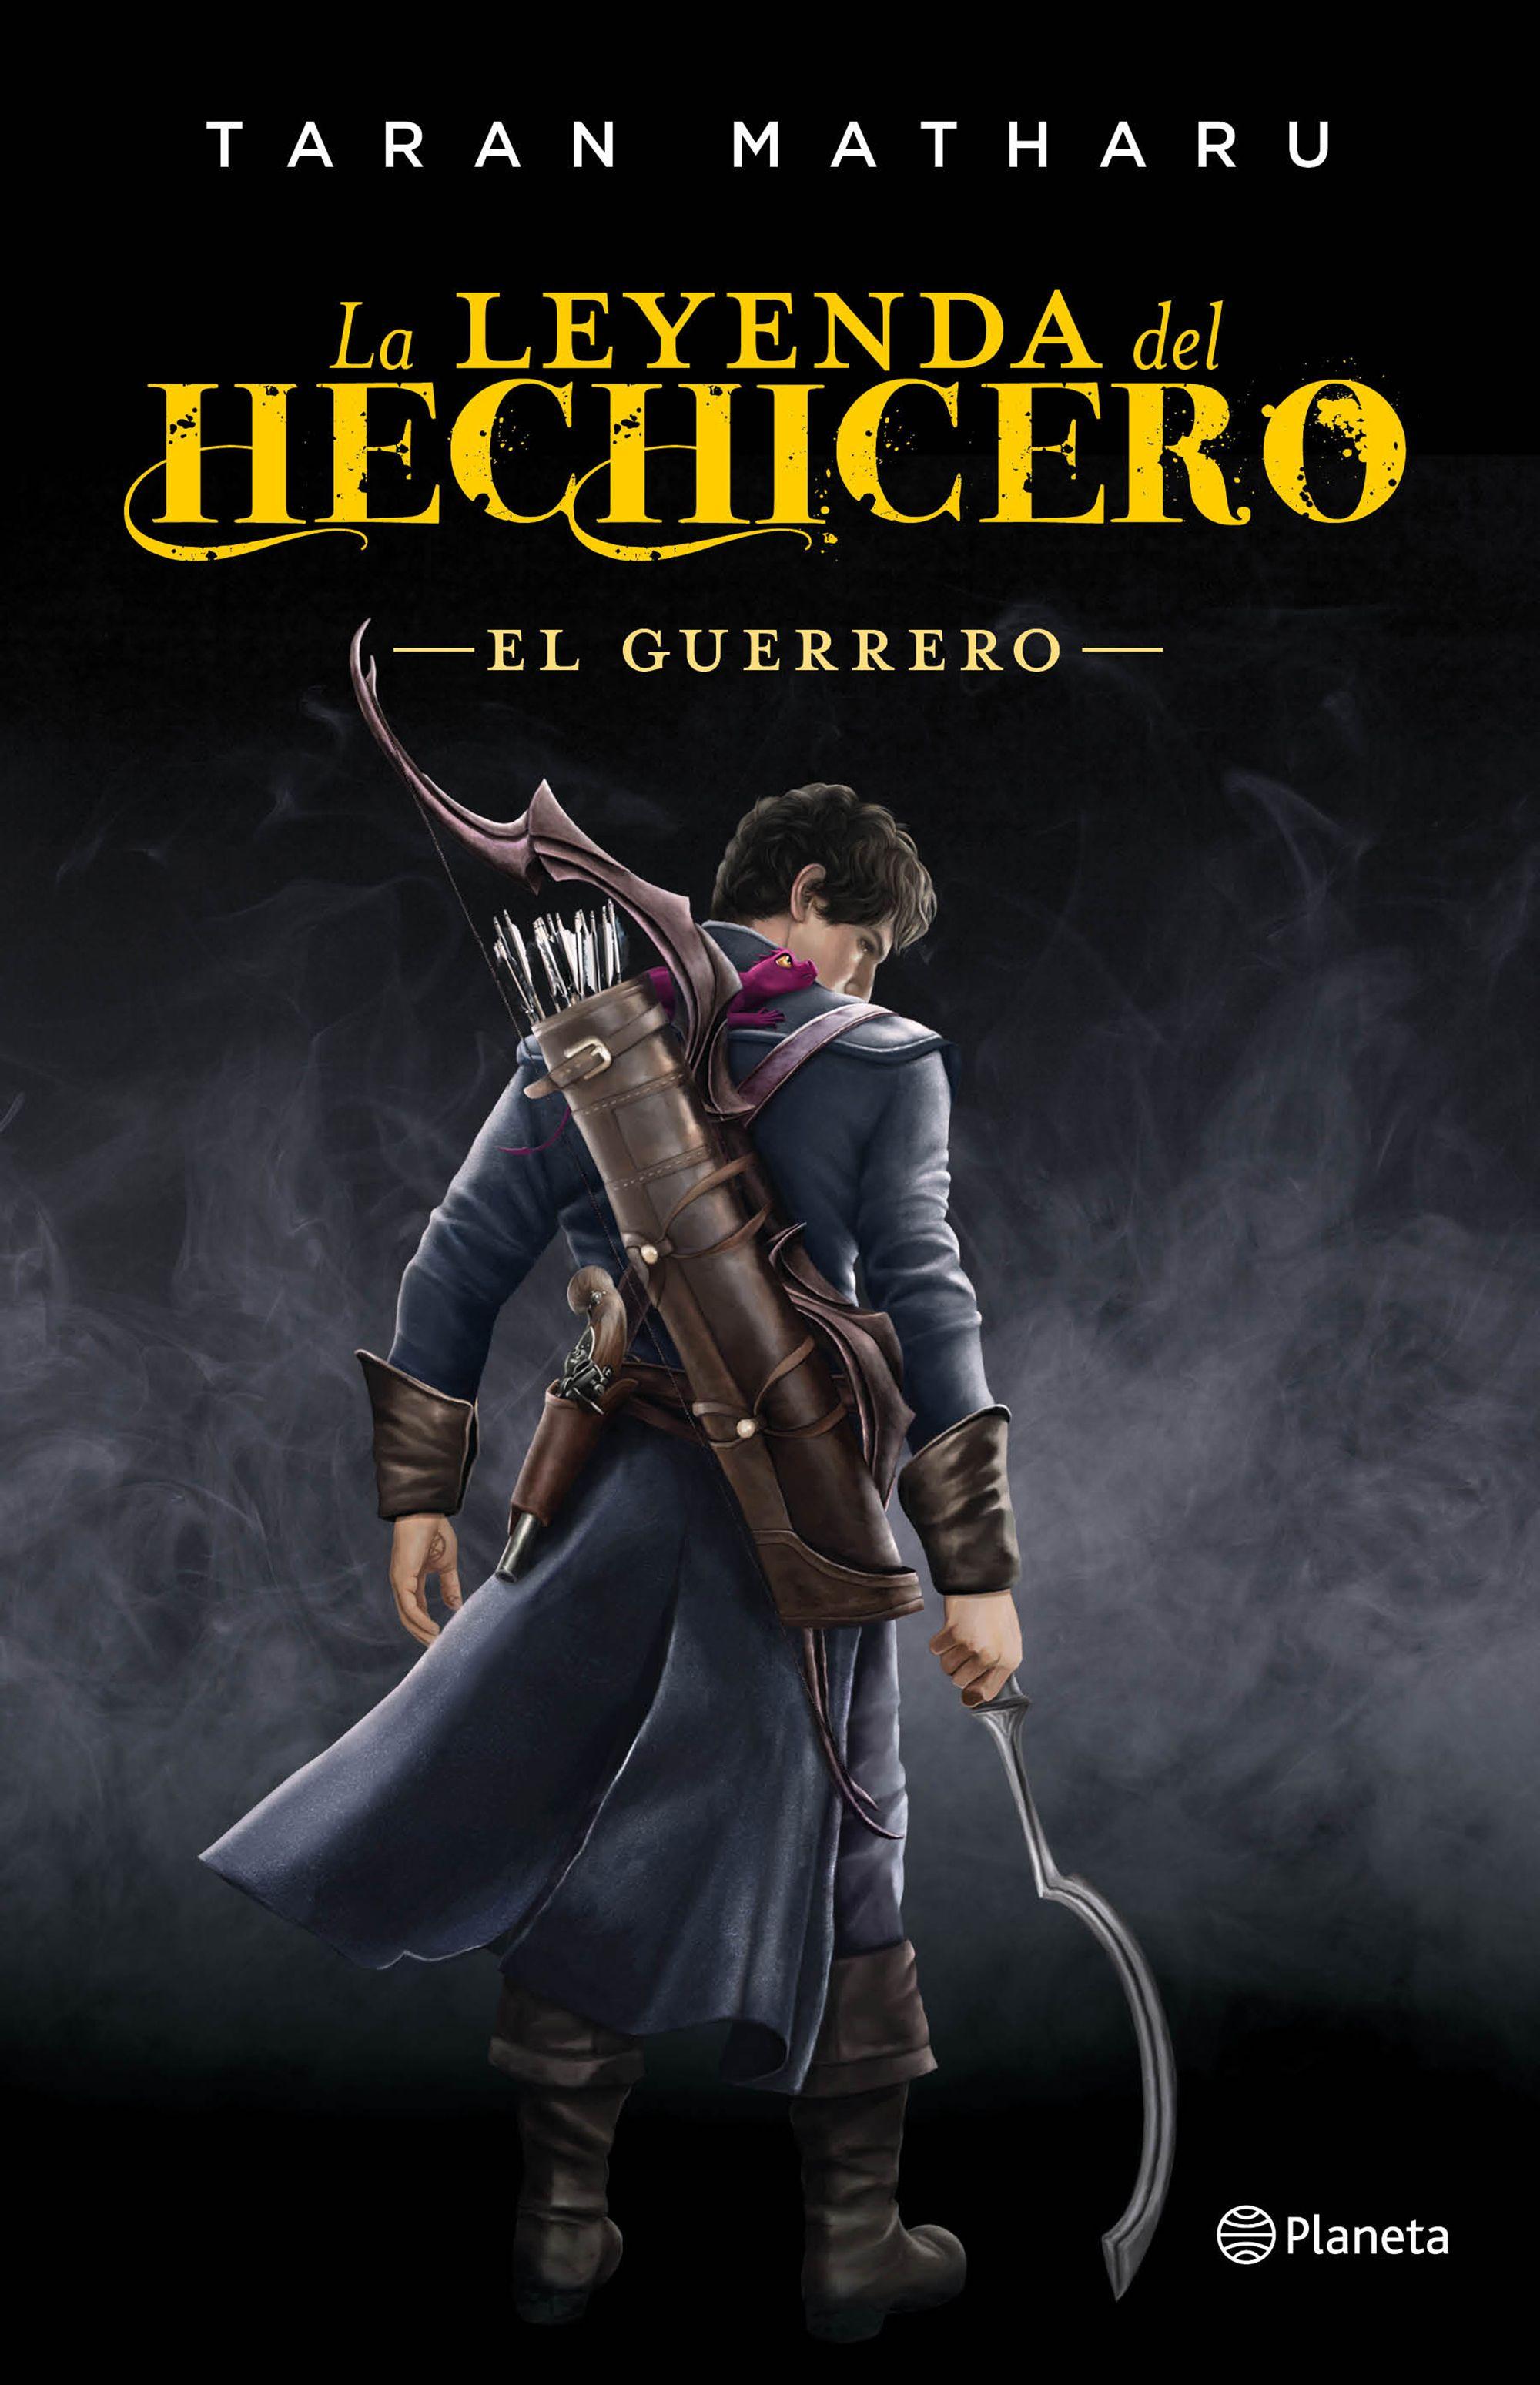 La leyenda del hechicero 2